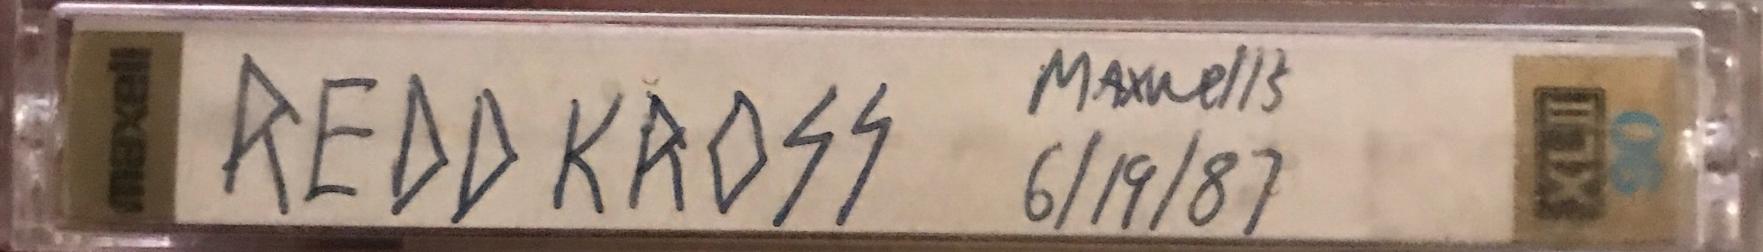 B6EAFA96-59C2-4DFD-96E0-1504BEB644C5.JPG